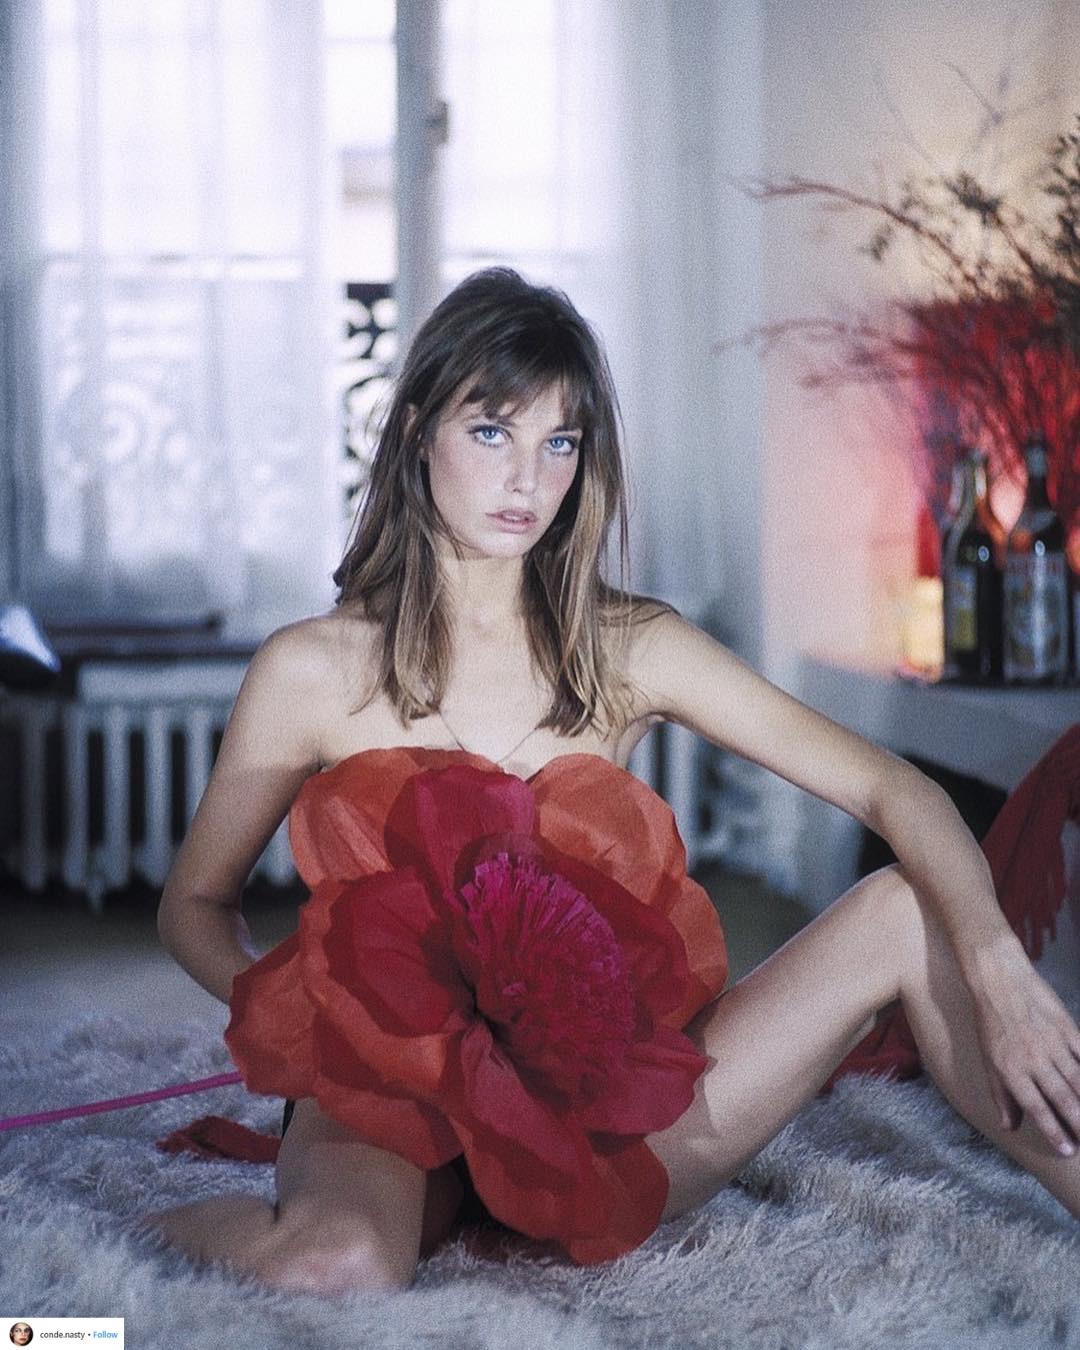 tài khoản Instagram thời trang conde.nasty đăng tải ảnh của Jane Birkin mặc đầm hoa màu đỏ